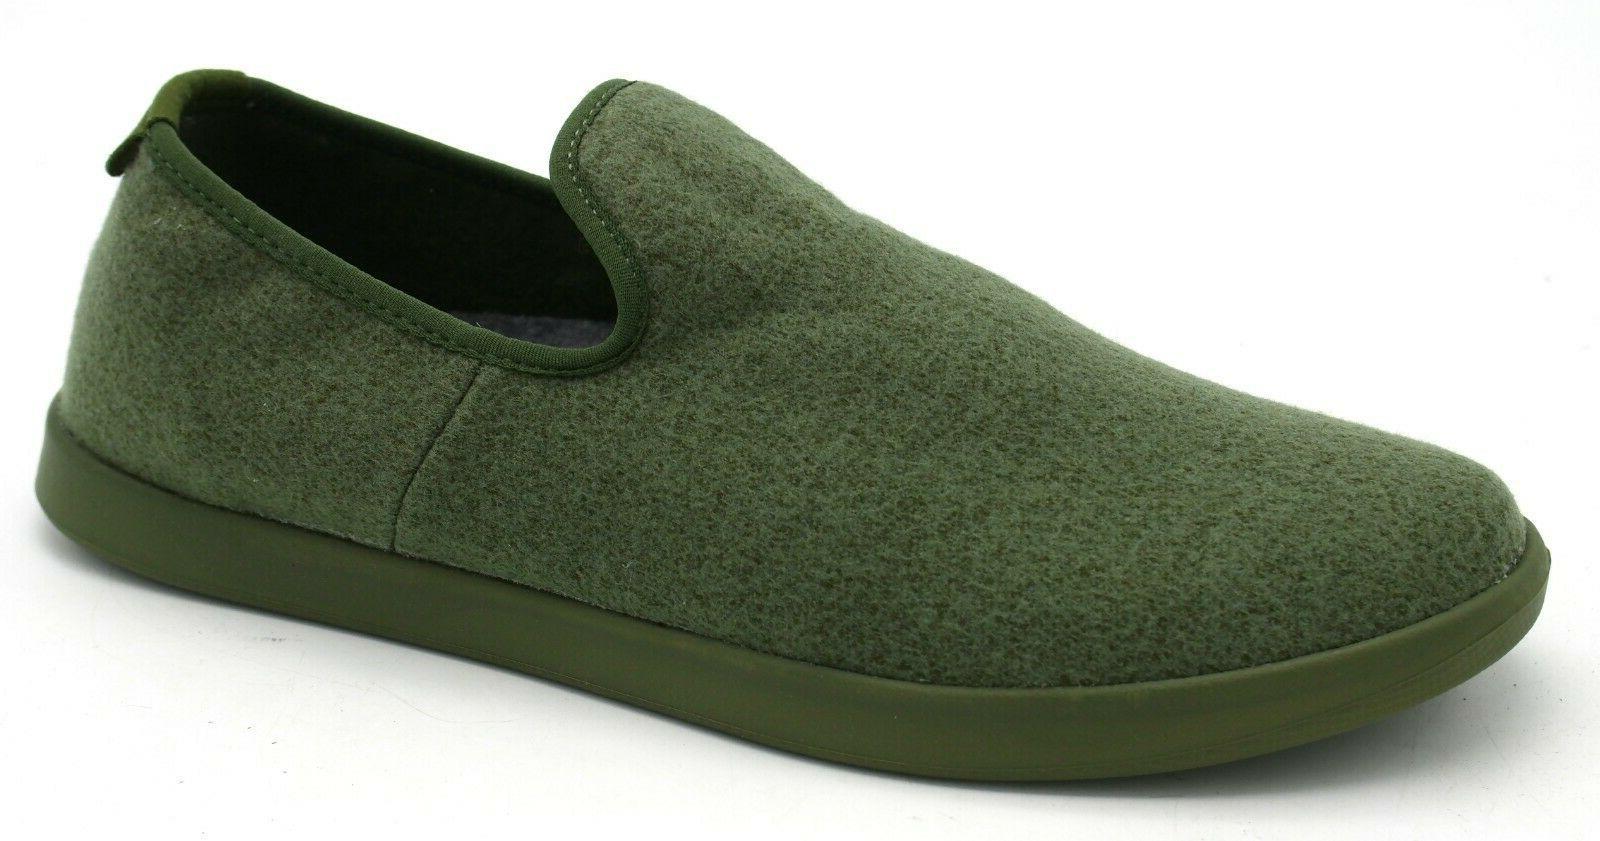 New Men's Allbirds Wool Lounger Loafer Black Moss Gray